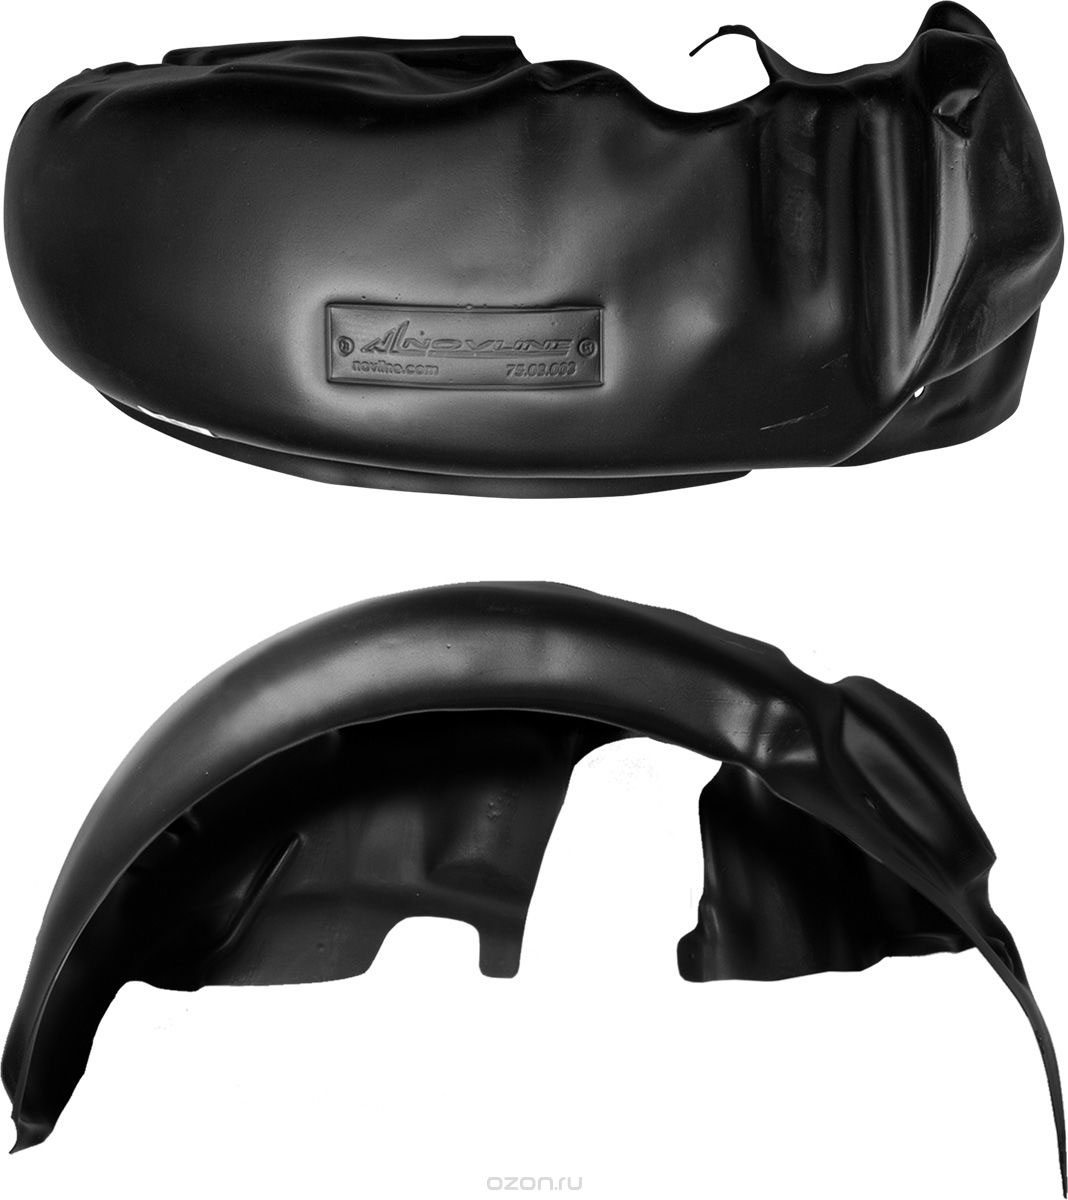 Подкрылок Novline-Autofamily, для Peugeot Boxer/Citroen Jumper, 2006->, с расширителями арок, задний правыйNLL.38.19.004Идеальная защита колесной ниши. Локеры разработаны с применением цифровых технологий, гарантируют максимальную повторяемость поверхности арки. Изделия устанавливаются без нарушения лакокрасочного покрытия автомобиля, каждый подкрылок комплектуется крепежом. Уважаемые клиенты, обращаем ваше внимание, что фотографии на подкрылки универсальные и не отражают реальную форму изделия. При этом само изделие идет точно под размер указанного автомобиля.